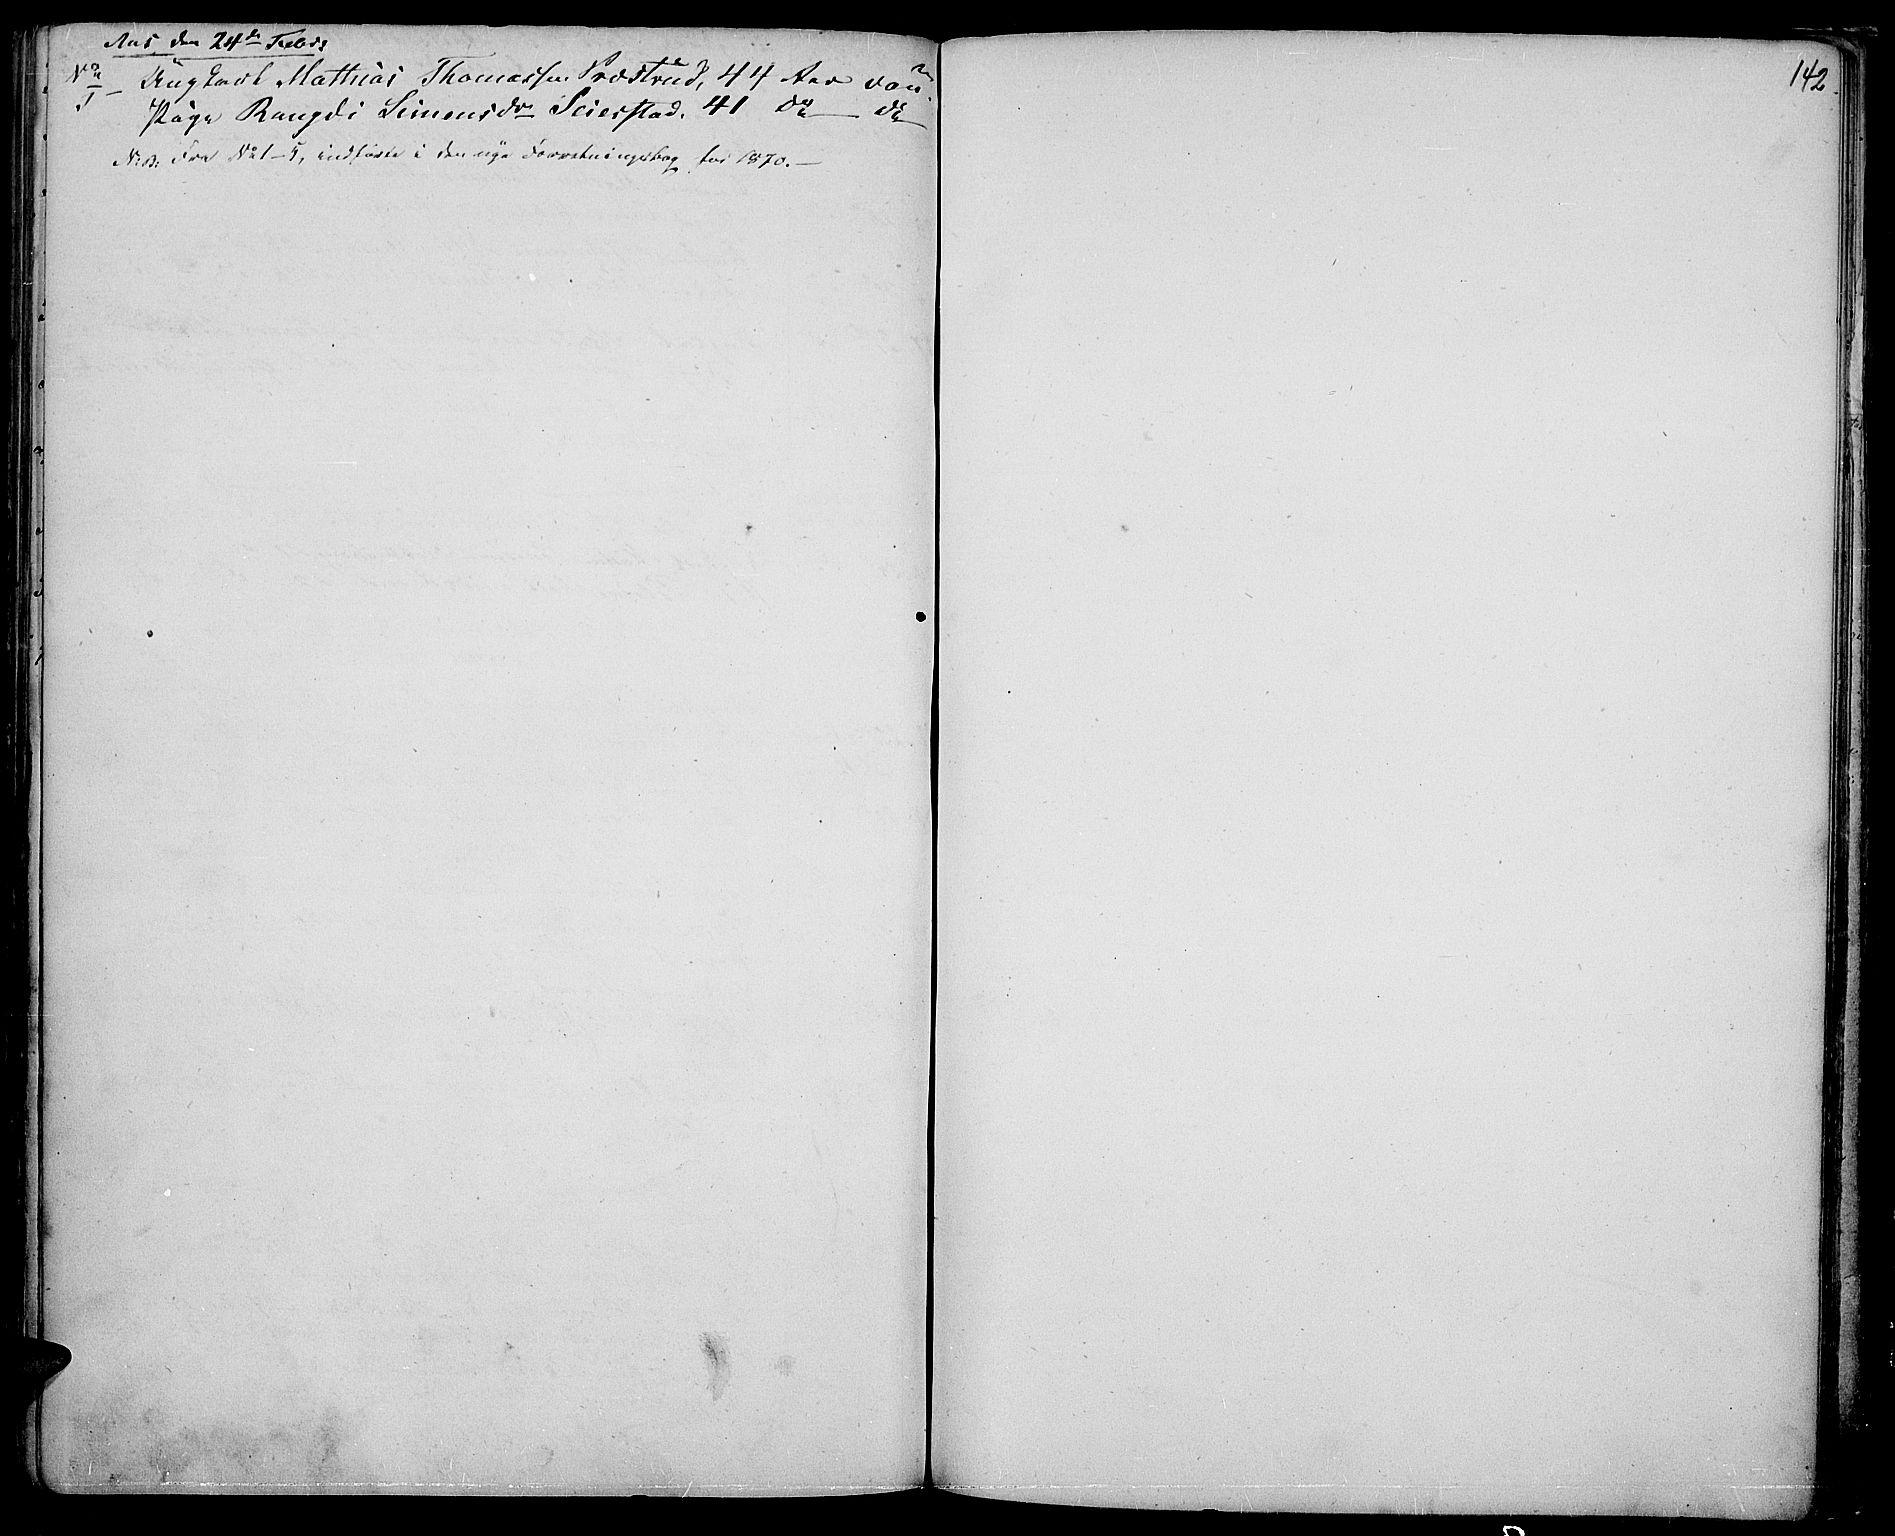 SAH, Vestre Toten prestekontor, H/Ha/Hab/L0005: Klokkerbok nr. 5, 1854-1870, s. 142